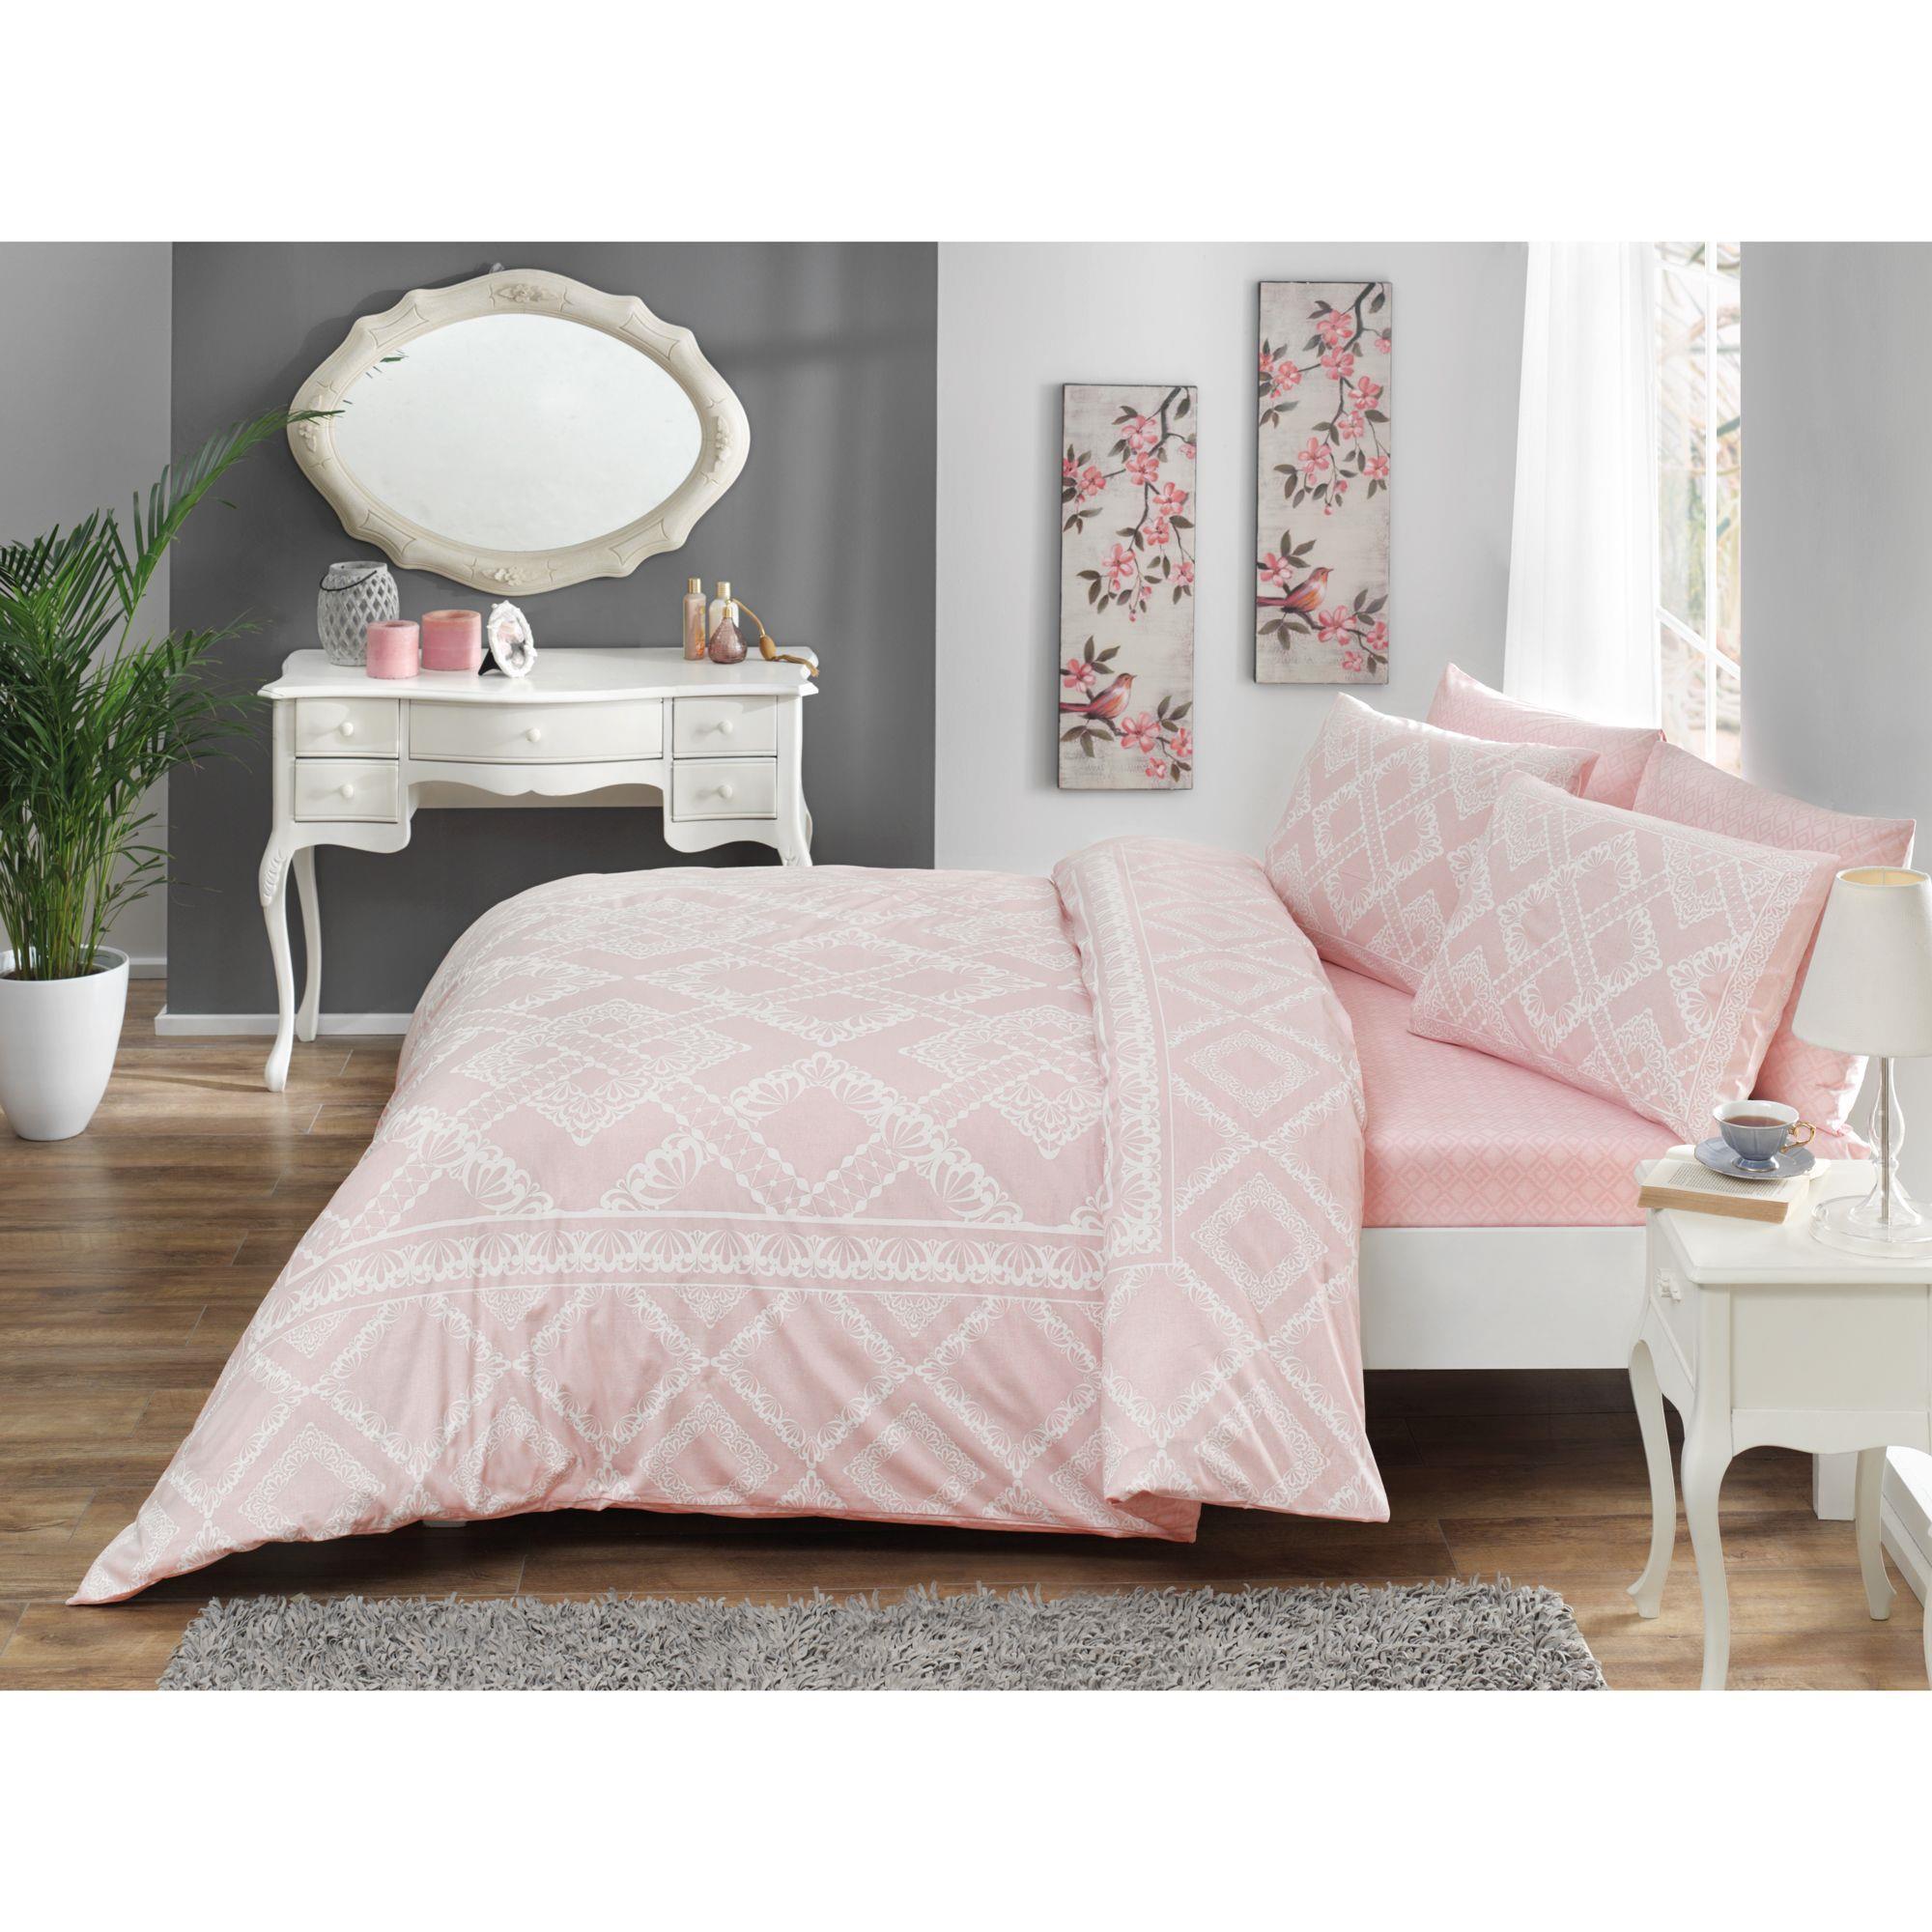 Set KING TAC Deluxe Bella - Pink